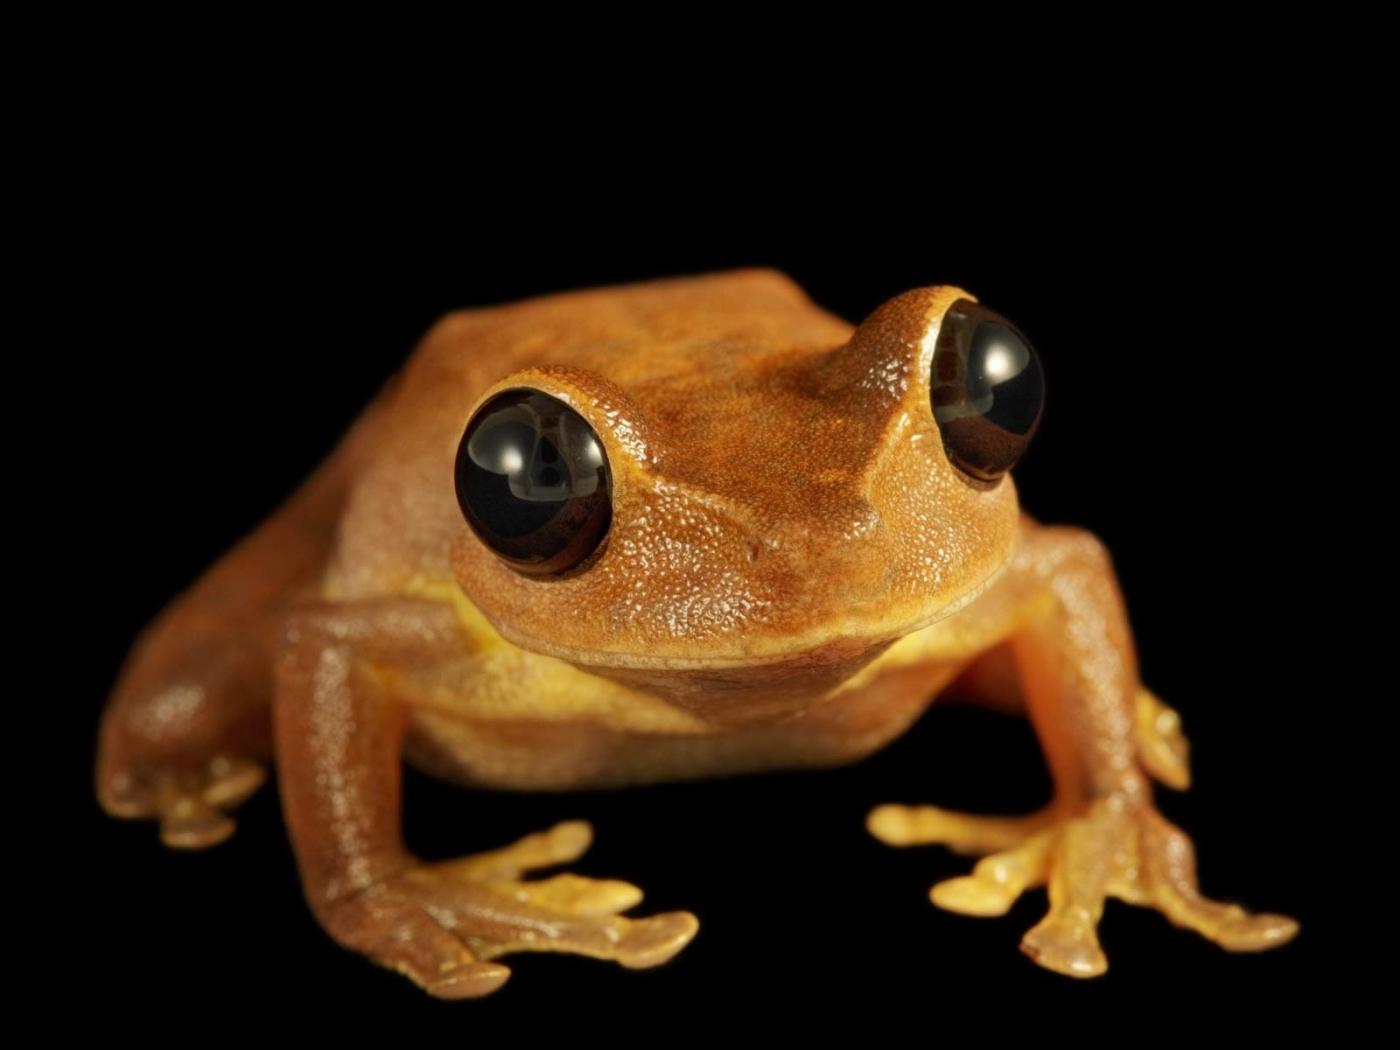 43410 Hintergrundbild herunterladen Tiere, Frösche - Bildschirmschoner und Bilder kostenlos